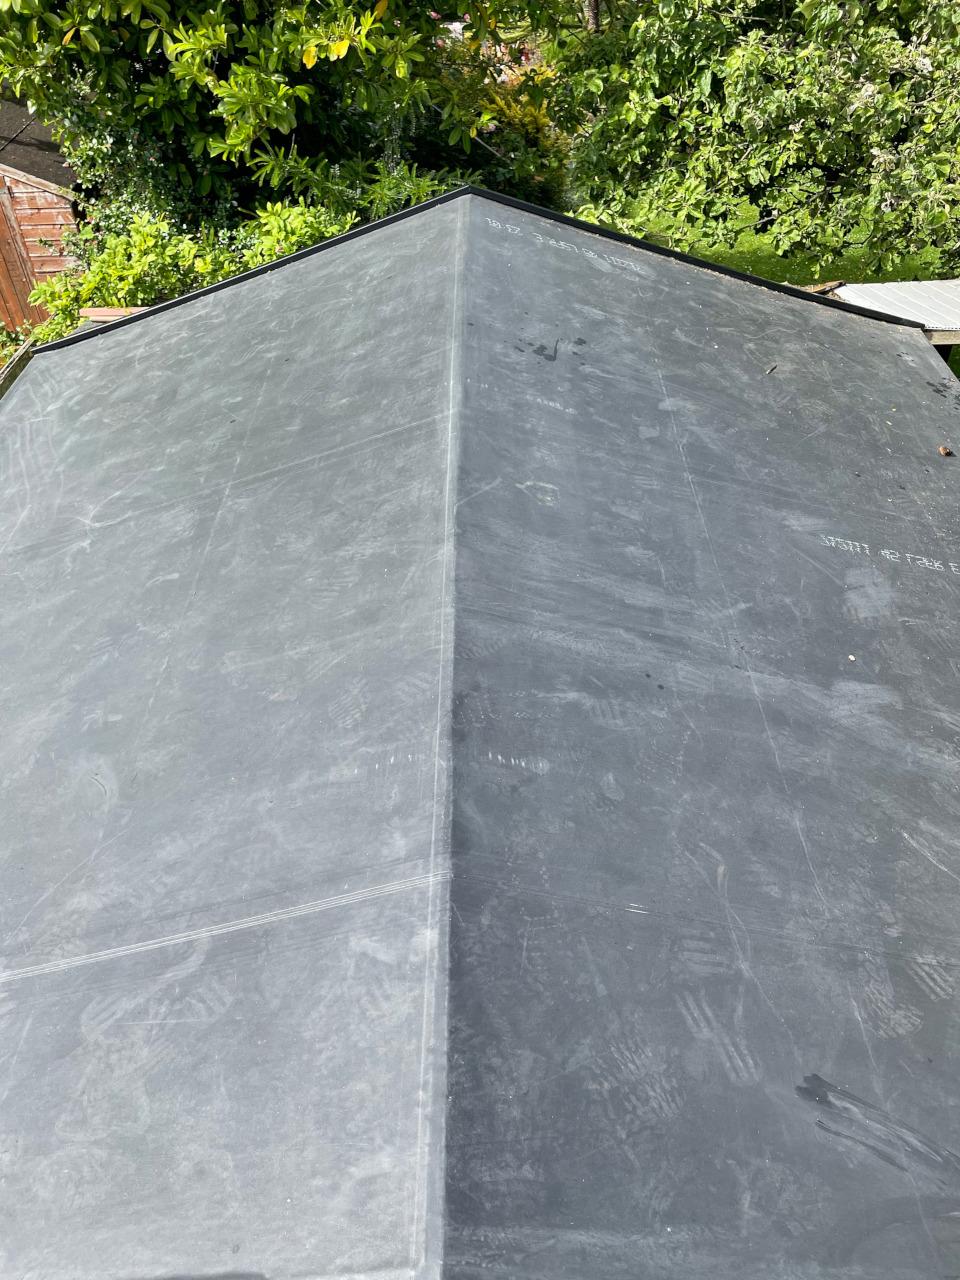 Slate roof repair in Betwys-y-Coed.